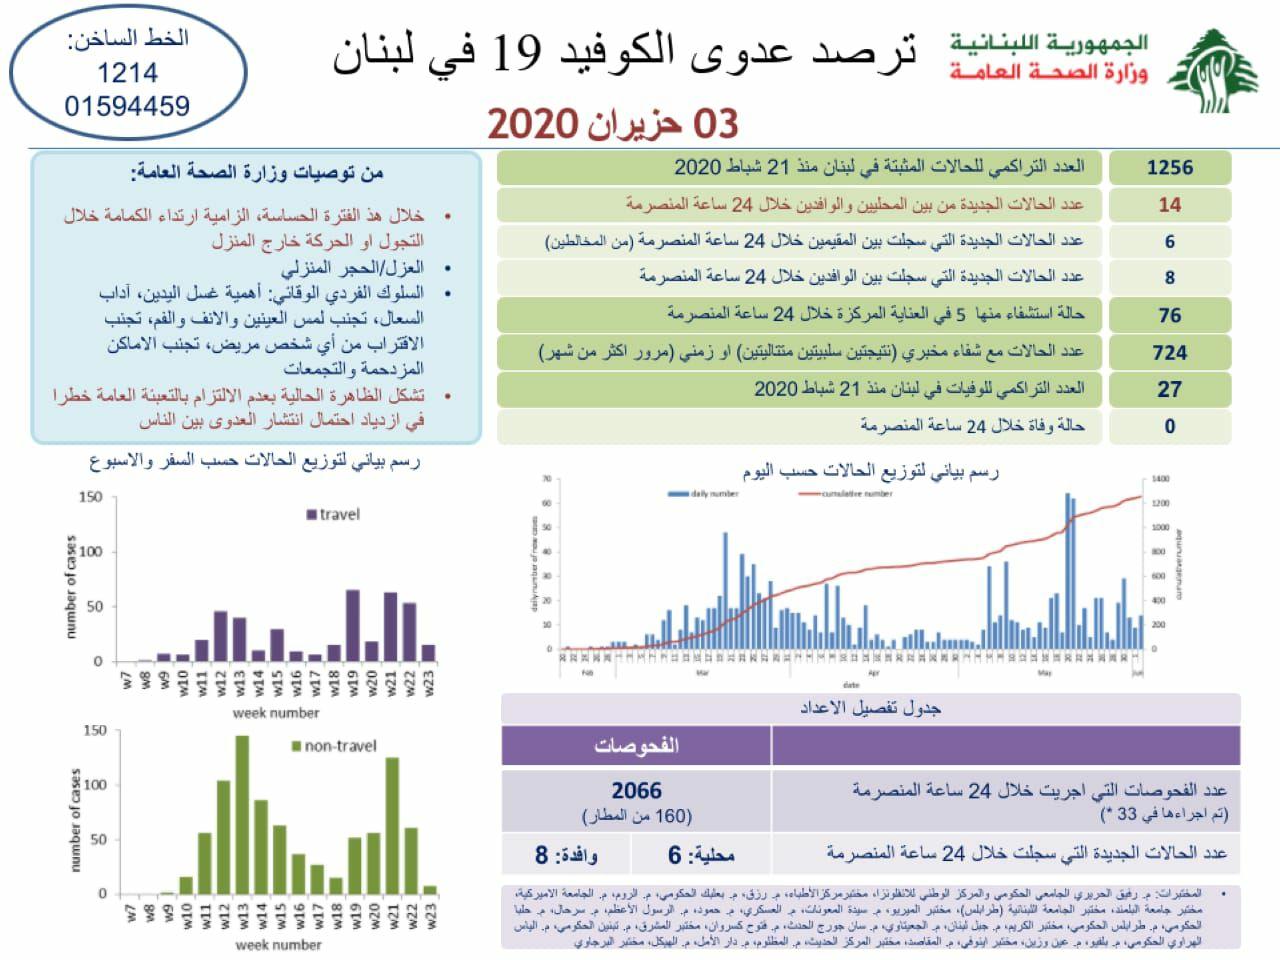 14 اصابة جديدة بكورونا في لبنان.. إليكم تقرير وزارة الصحة